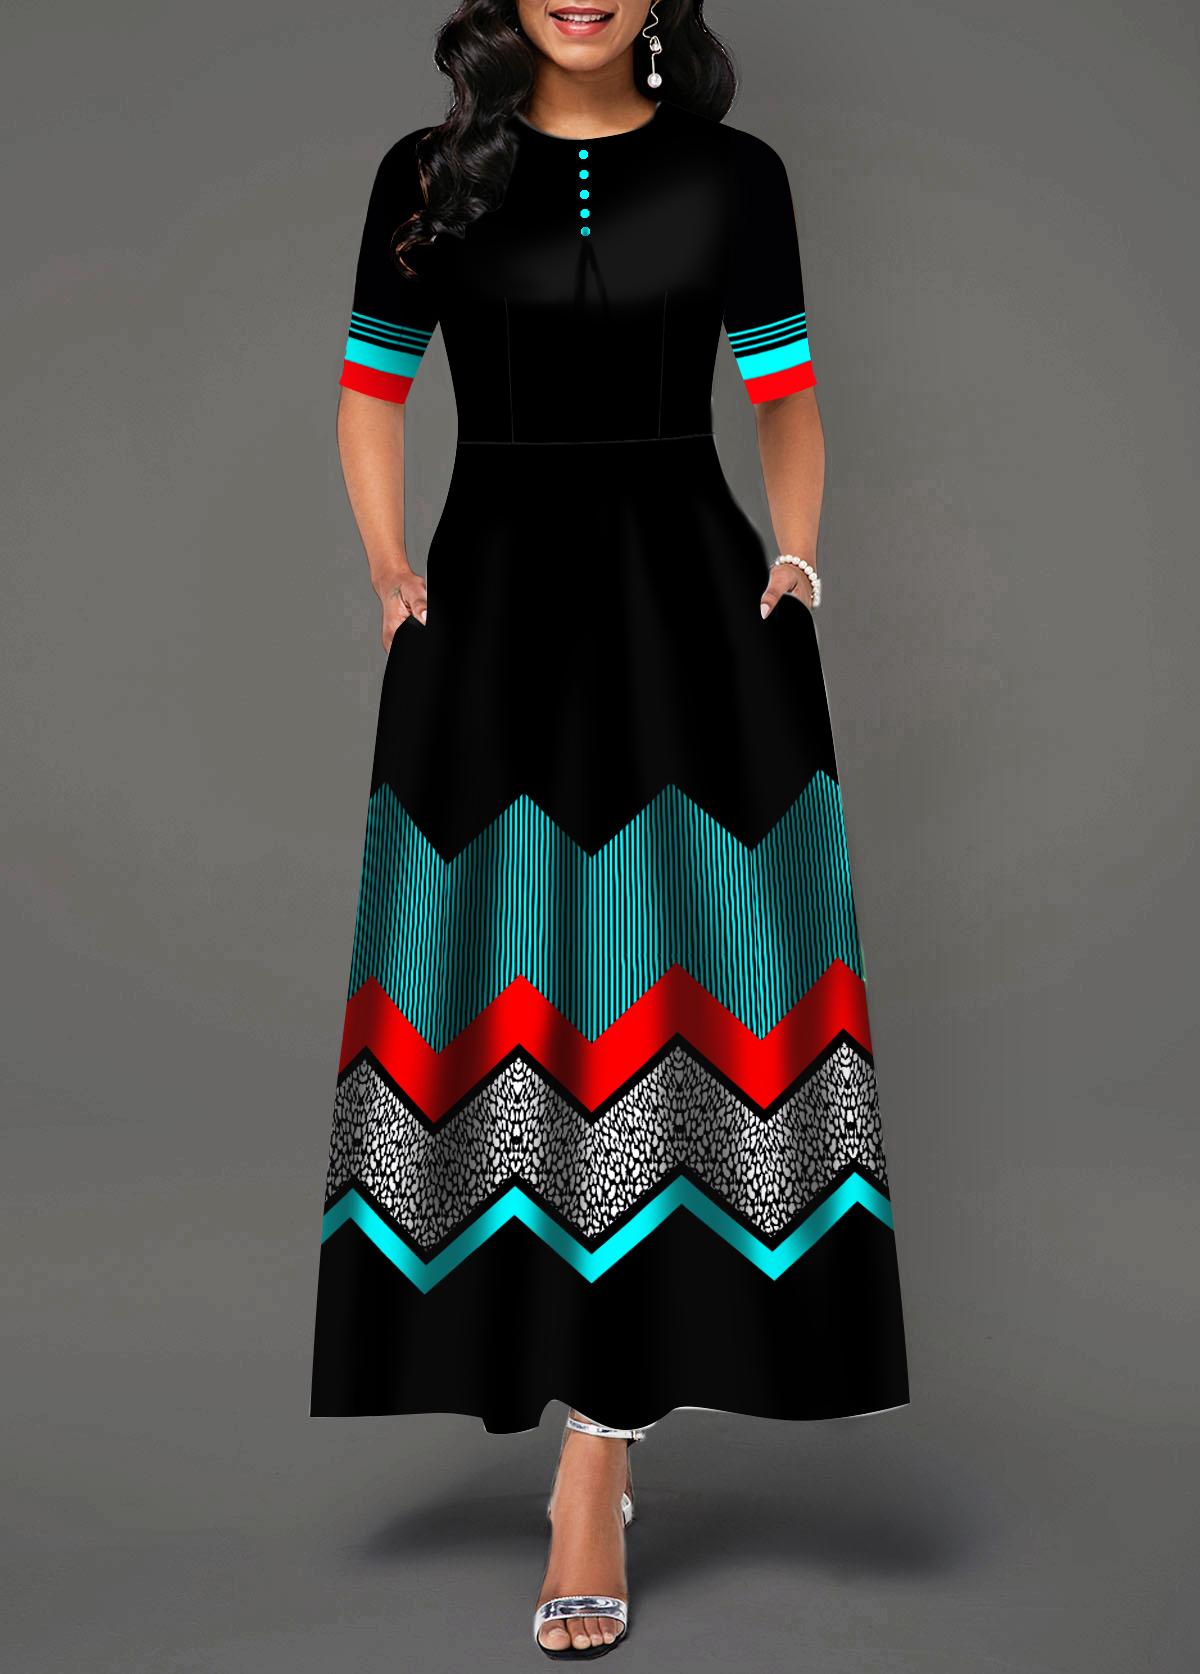 Button Detail Color Block Chevron Print Dress